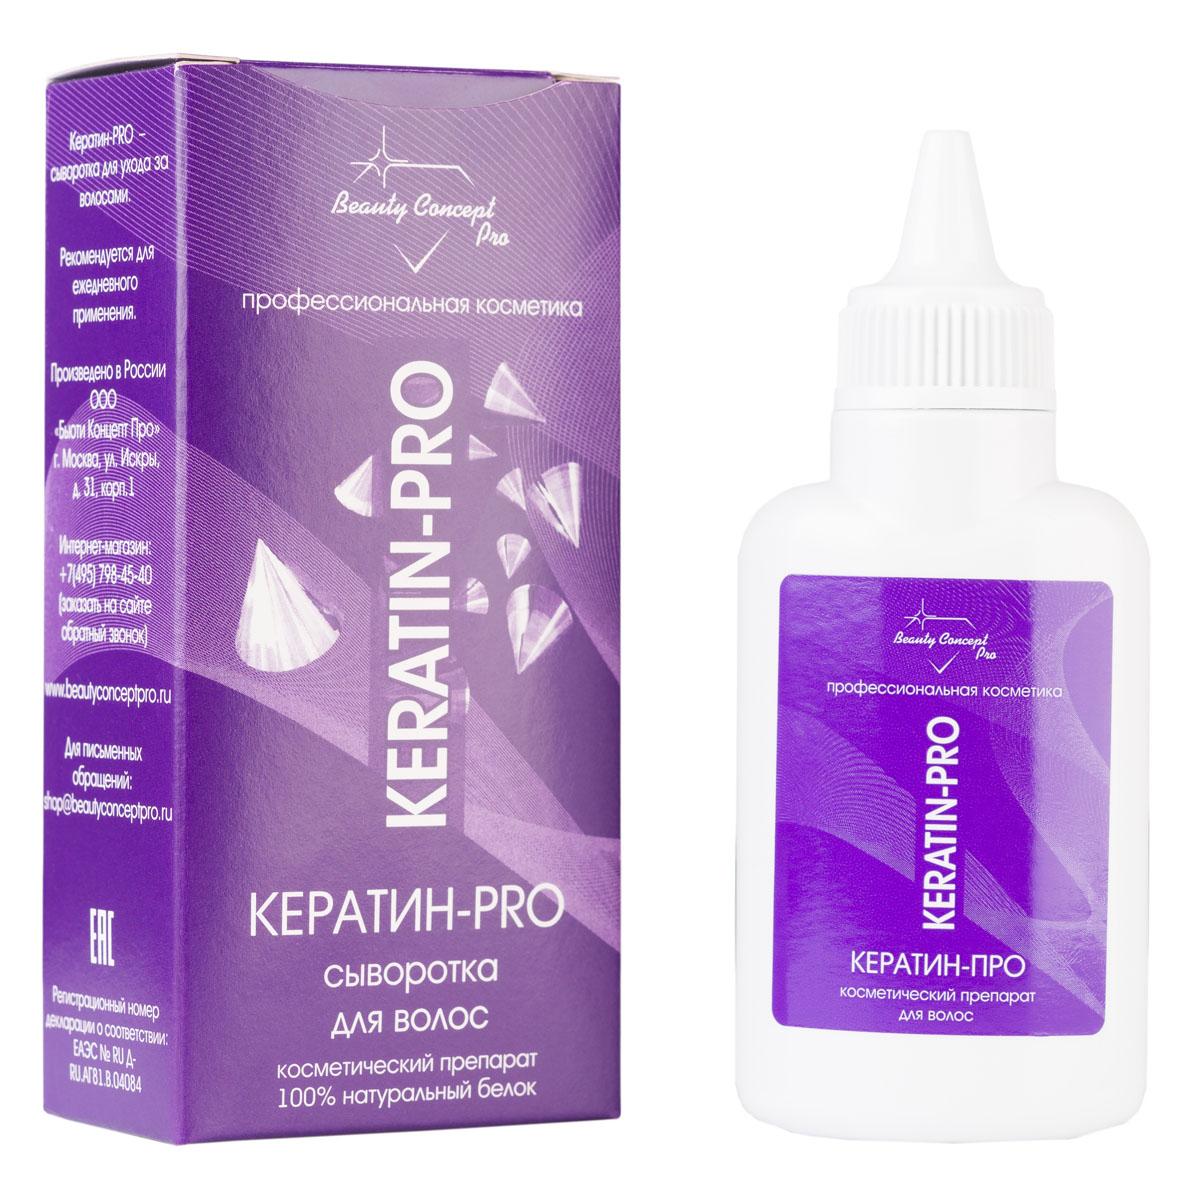 BeautyConceptPro Сыворотка для волос Кератин-PRO, 55 млMP59.4DКератин PRO - концентрированный препарат активная сыворотка, в которой используется особая растворимая форма белка. Благодаря этой формуле он глубоко встраивается в поврежденные участки волоса, восстанавливая его структуру по всей длине, обеспечивая питание волосяных луковиц и улучшая кровообращение кожного покрова головы.Особый эффект при совмещении с Коллагеном PRO. Способ применения и дозировка: Обогащение ежедневных косметических средств 7-10 капель Кератина PRO на 30 мл. средства. В комплект входят мерный стаканчик, ложечка и вкладыш с инструкцией.Эффект от применения Кератина-PRO: Защита волос от агрессивного воздействия окружающей среды (холод, ветер, солнце)Восстановление структуры волоса по всей длине (склеивание чешуек)Стимулирование роста волос, их питаниеУлучшение кровообращения кожного покрова головы Питание волосяных луковиц Устранение сухости, сечения и ломкости волос Защита волос перед окрашиванием, тонированием Закрепление цвета после окраскиУсиление эффекта при выпрямлении волосОбеспечение роста волос и предотвращение их выпадения Придание волосам блеска и эластичностиВосстановление и защита волос от негативного воздействия средств по уходу(фены, бигуди, плойки, утюжки и т.д.)